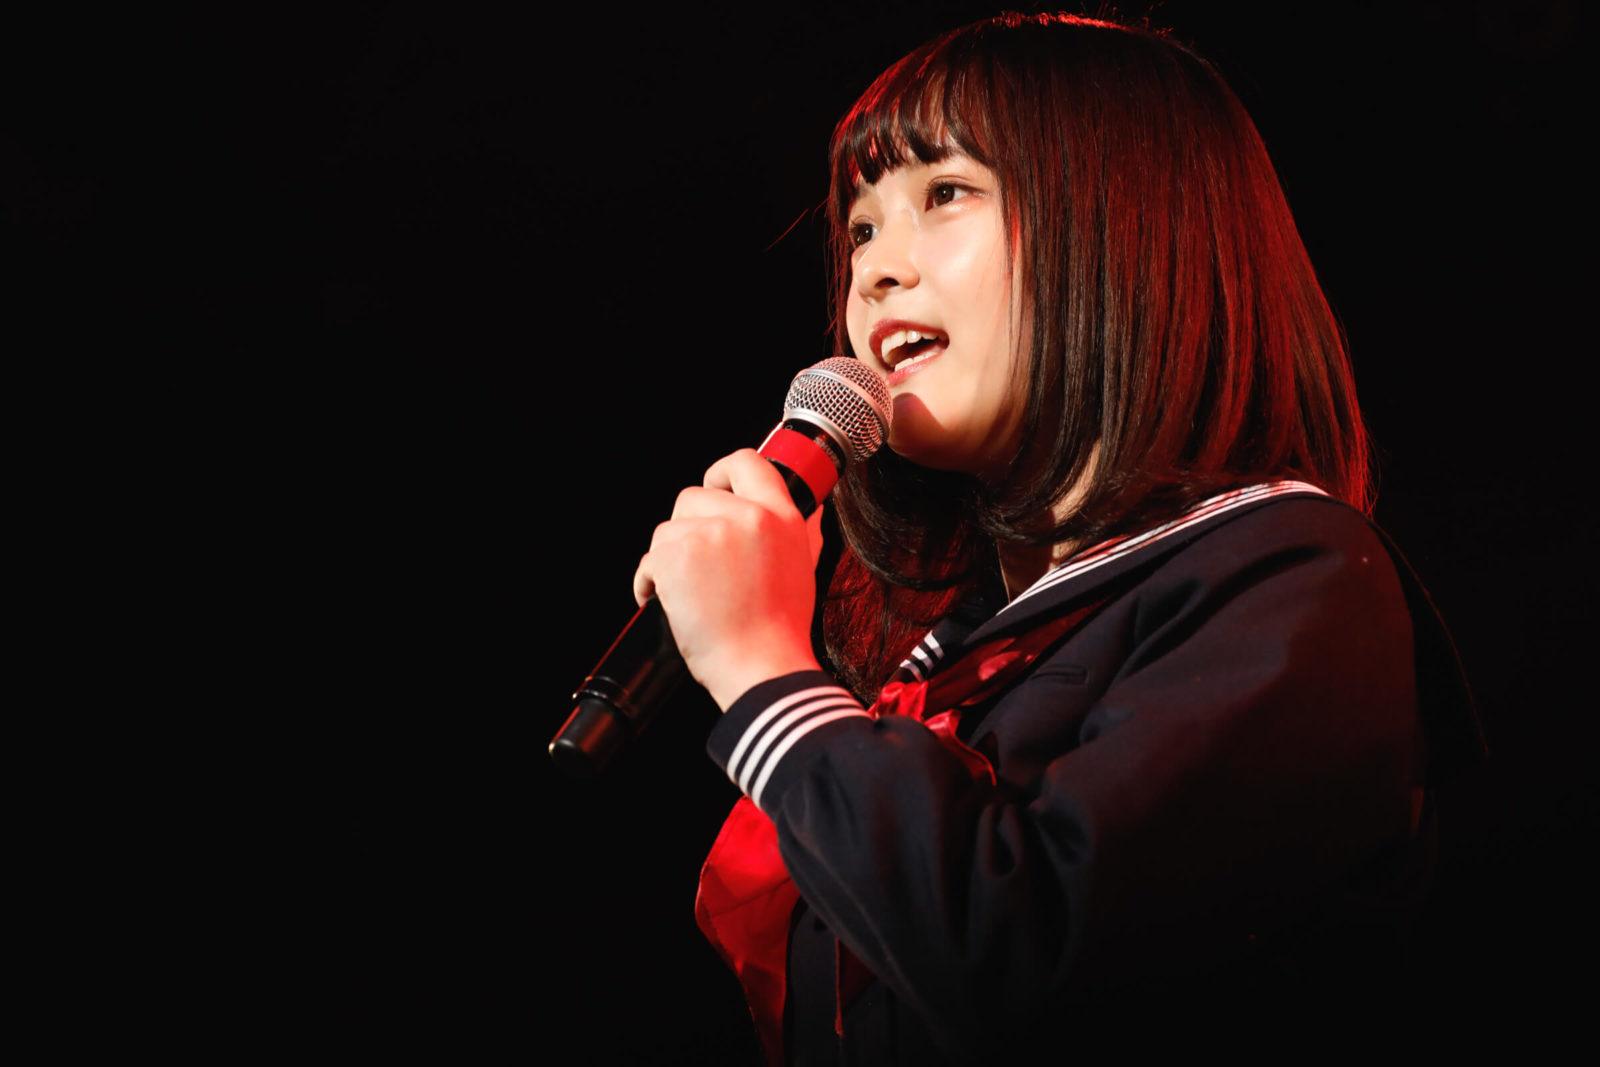 ナナランド、新メンバー笹原琴音がお披露目!結成1周年記念ライブで全力パフォーマンス画像78583